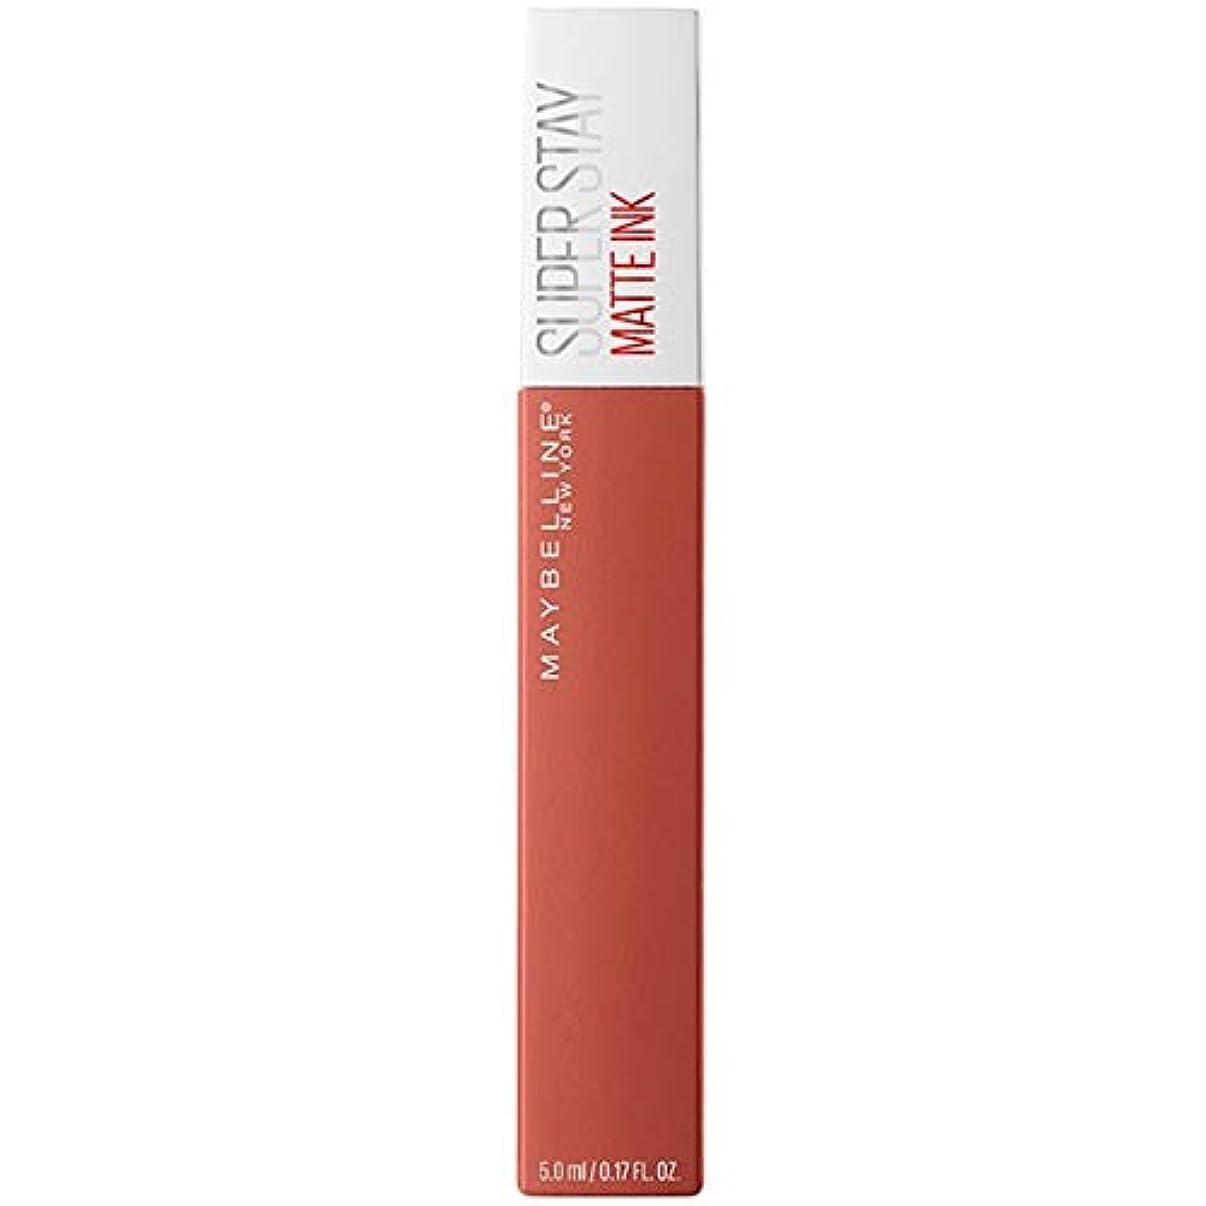 フルーツ野菜ラフ睡眠求人[Maybelline ] メイベリンSuperstayマットインク70アマゾン - Maybelline Superstay Matte Ink 70 Amazonian [並行輸入品]